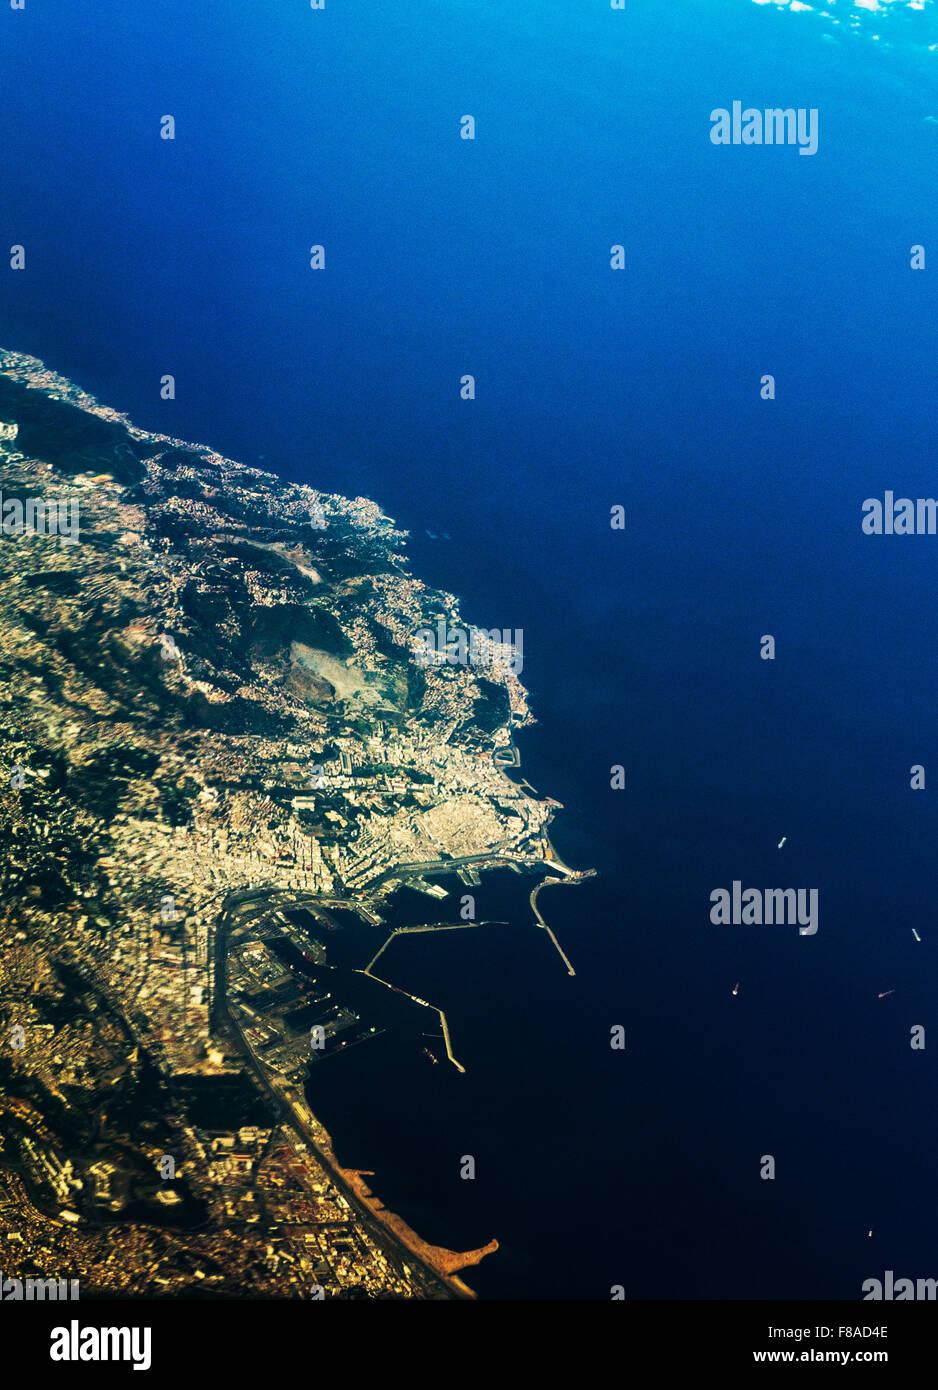 Una vista aérea de Argel, la capital de Argelia. Imagen De Stock